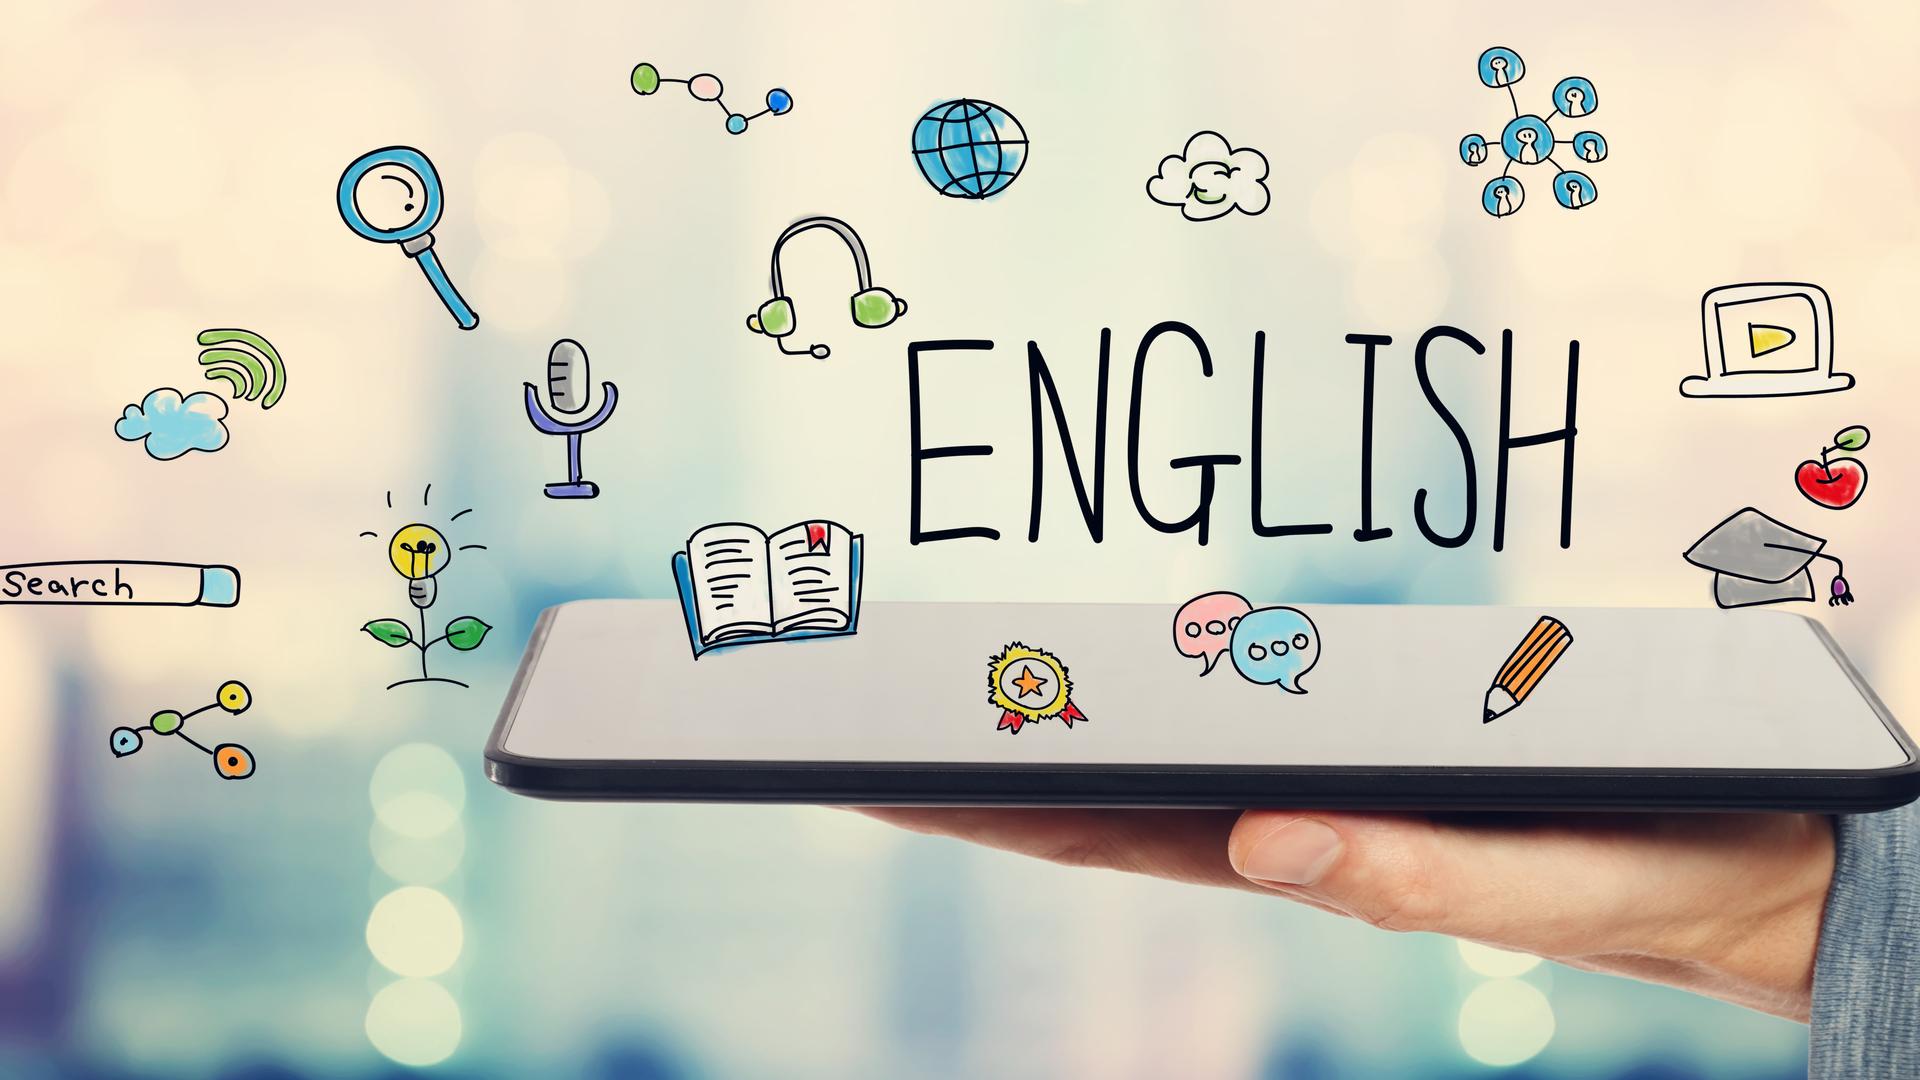 პიკის საათი - რამდენი სიტყვის ცოდნაა საჭირო ინგლისურად საუბრისთვის?